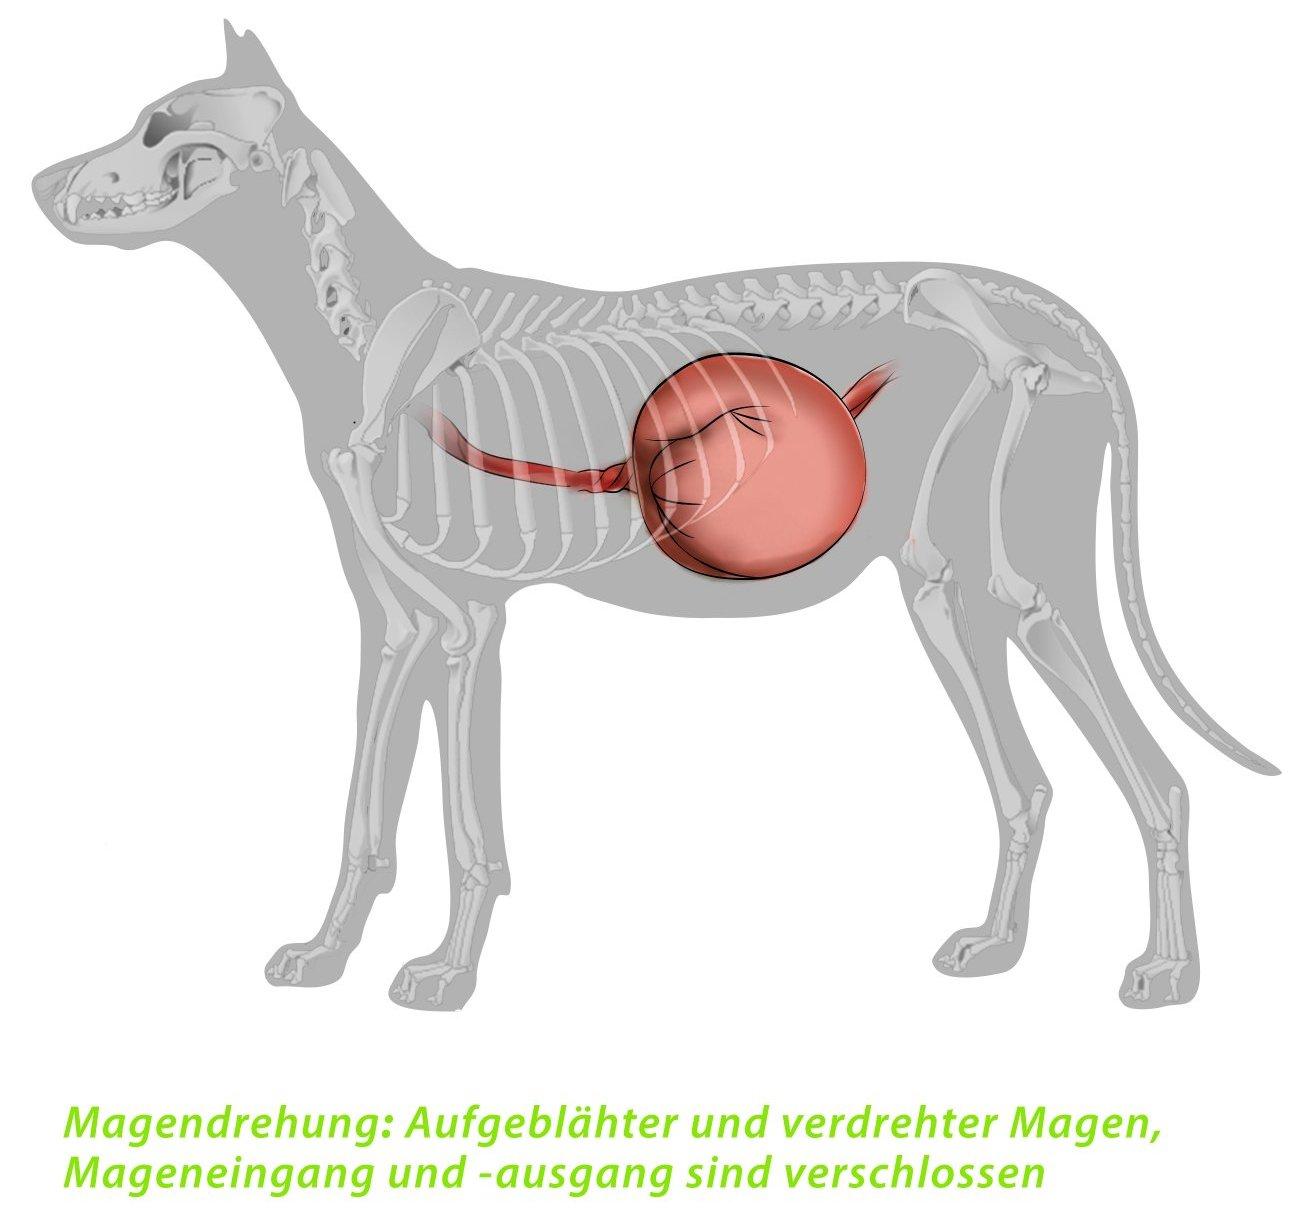 Tolle Hund Anatomie Magen Ideen - Menschliche Anatomie Bilder ...